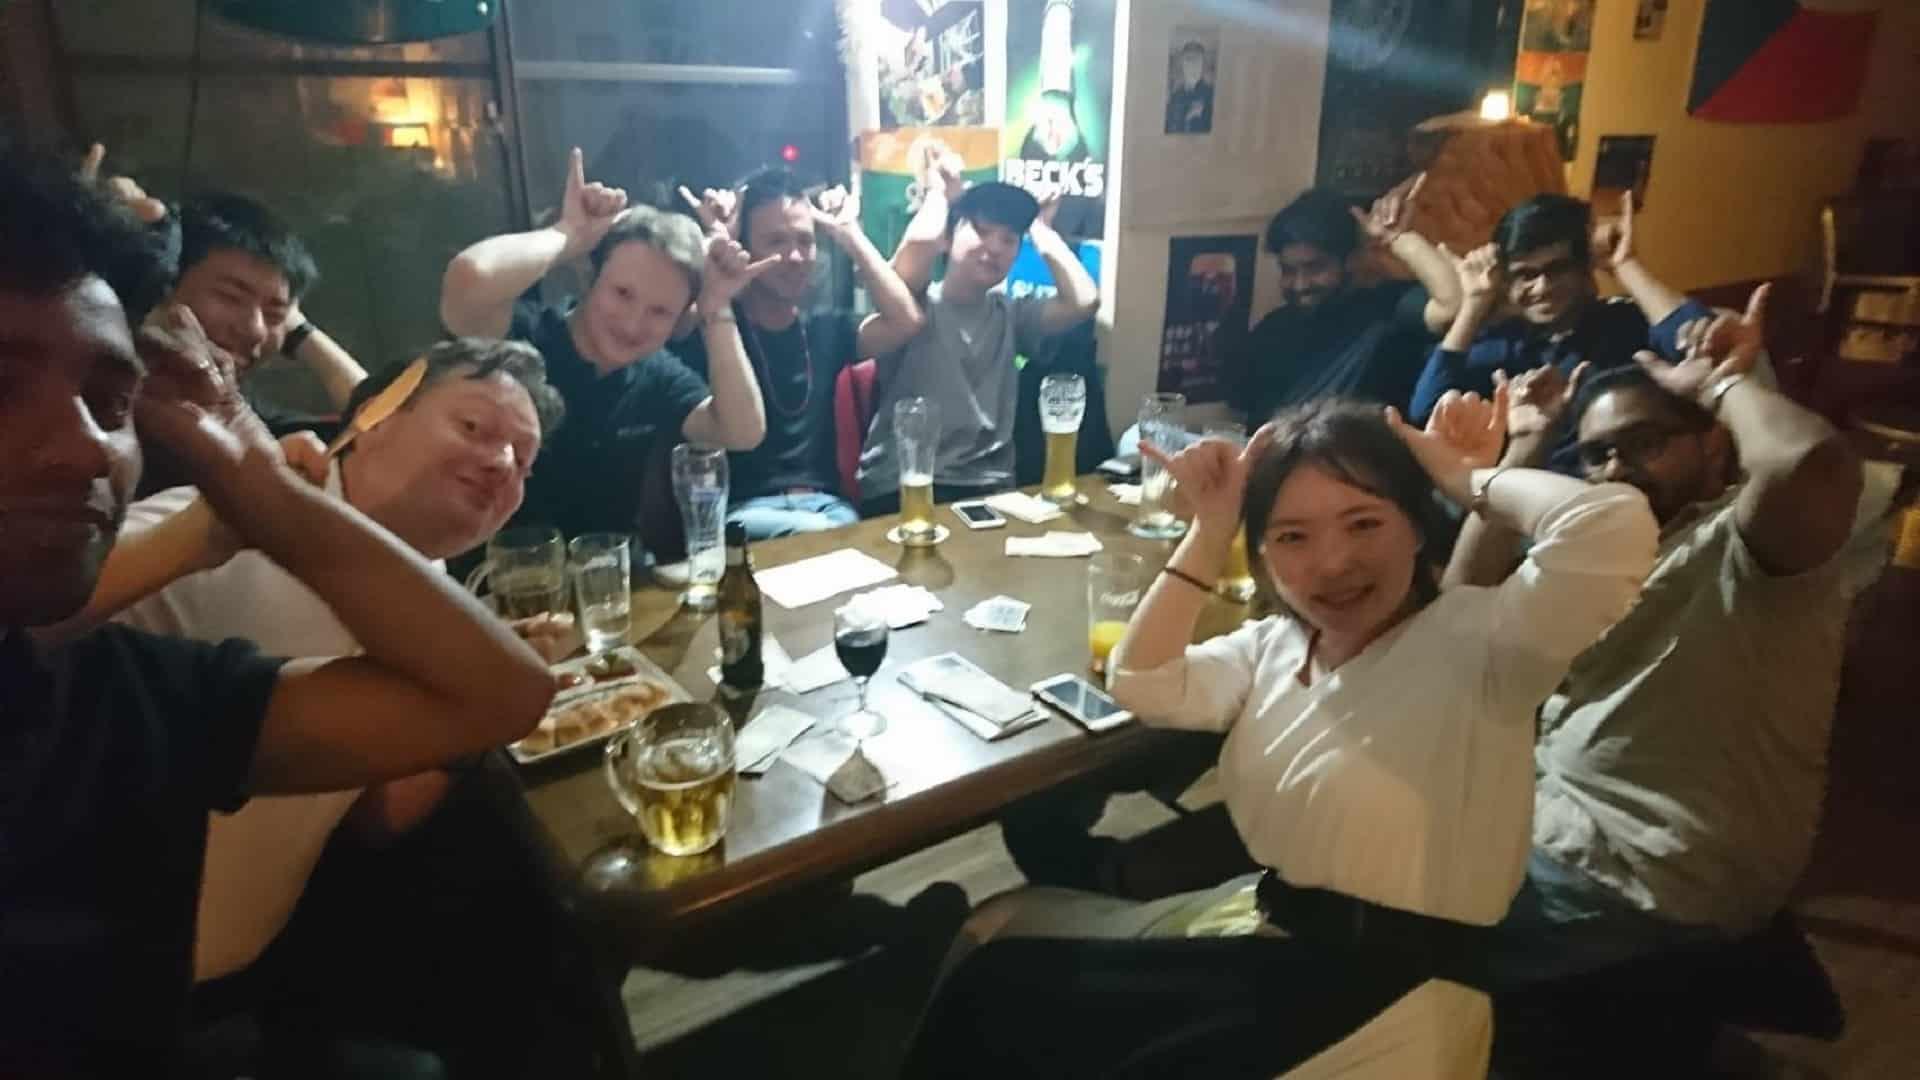 チェスコヤでゲームナイト 外国人と日本人でウサギさんポーズをとっています